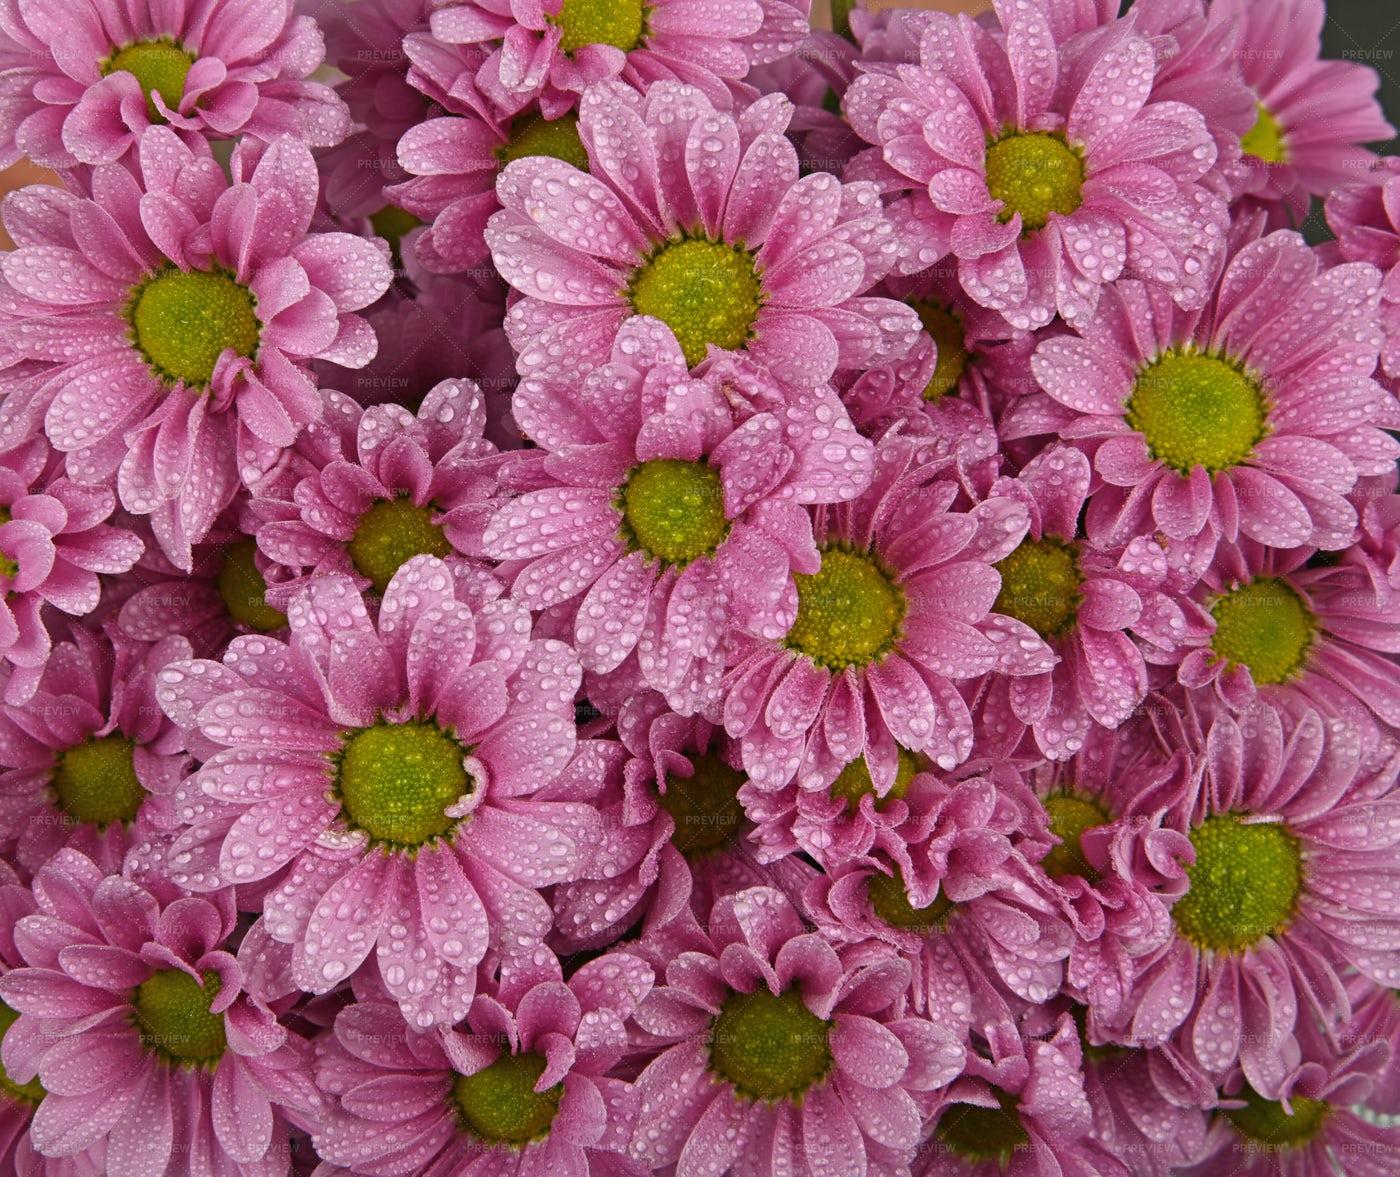 Pink Chrysanthemum Flowers: Stock Photos